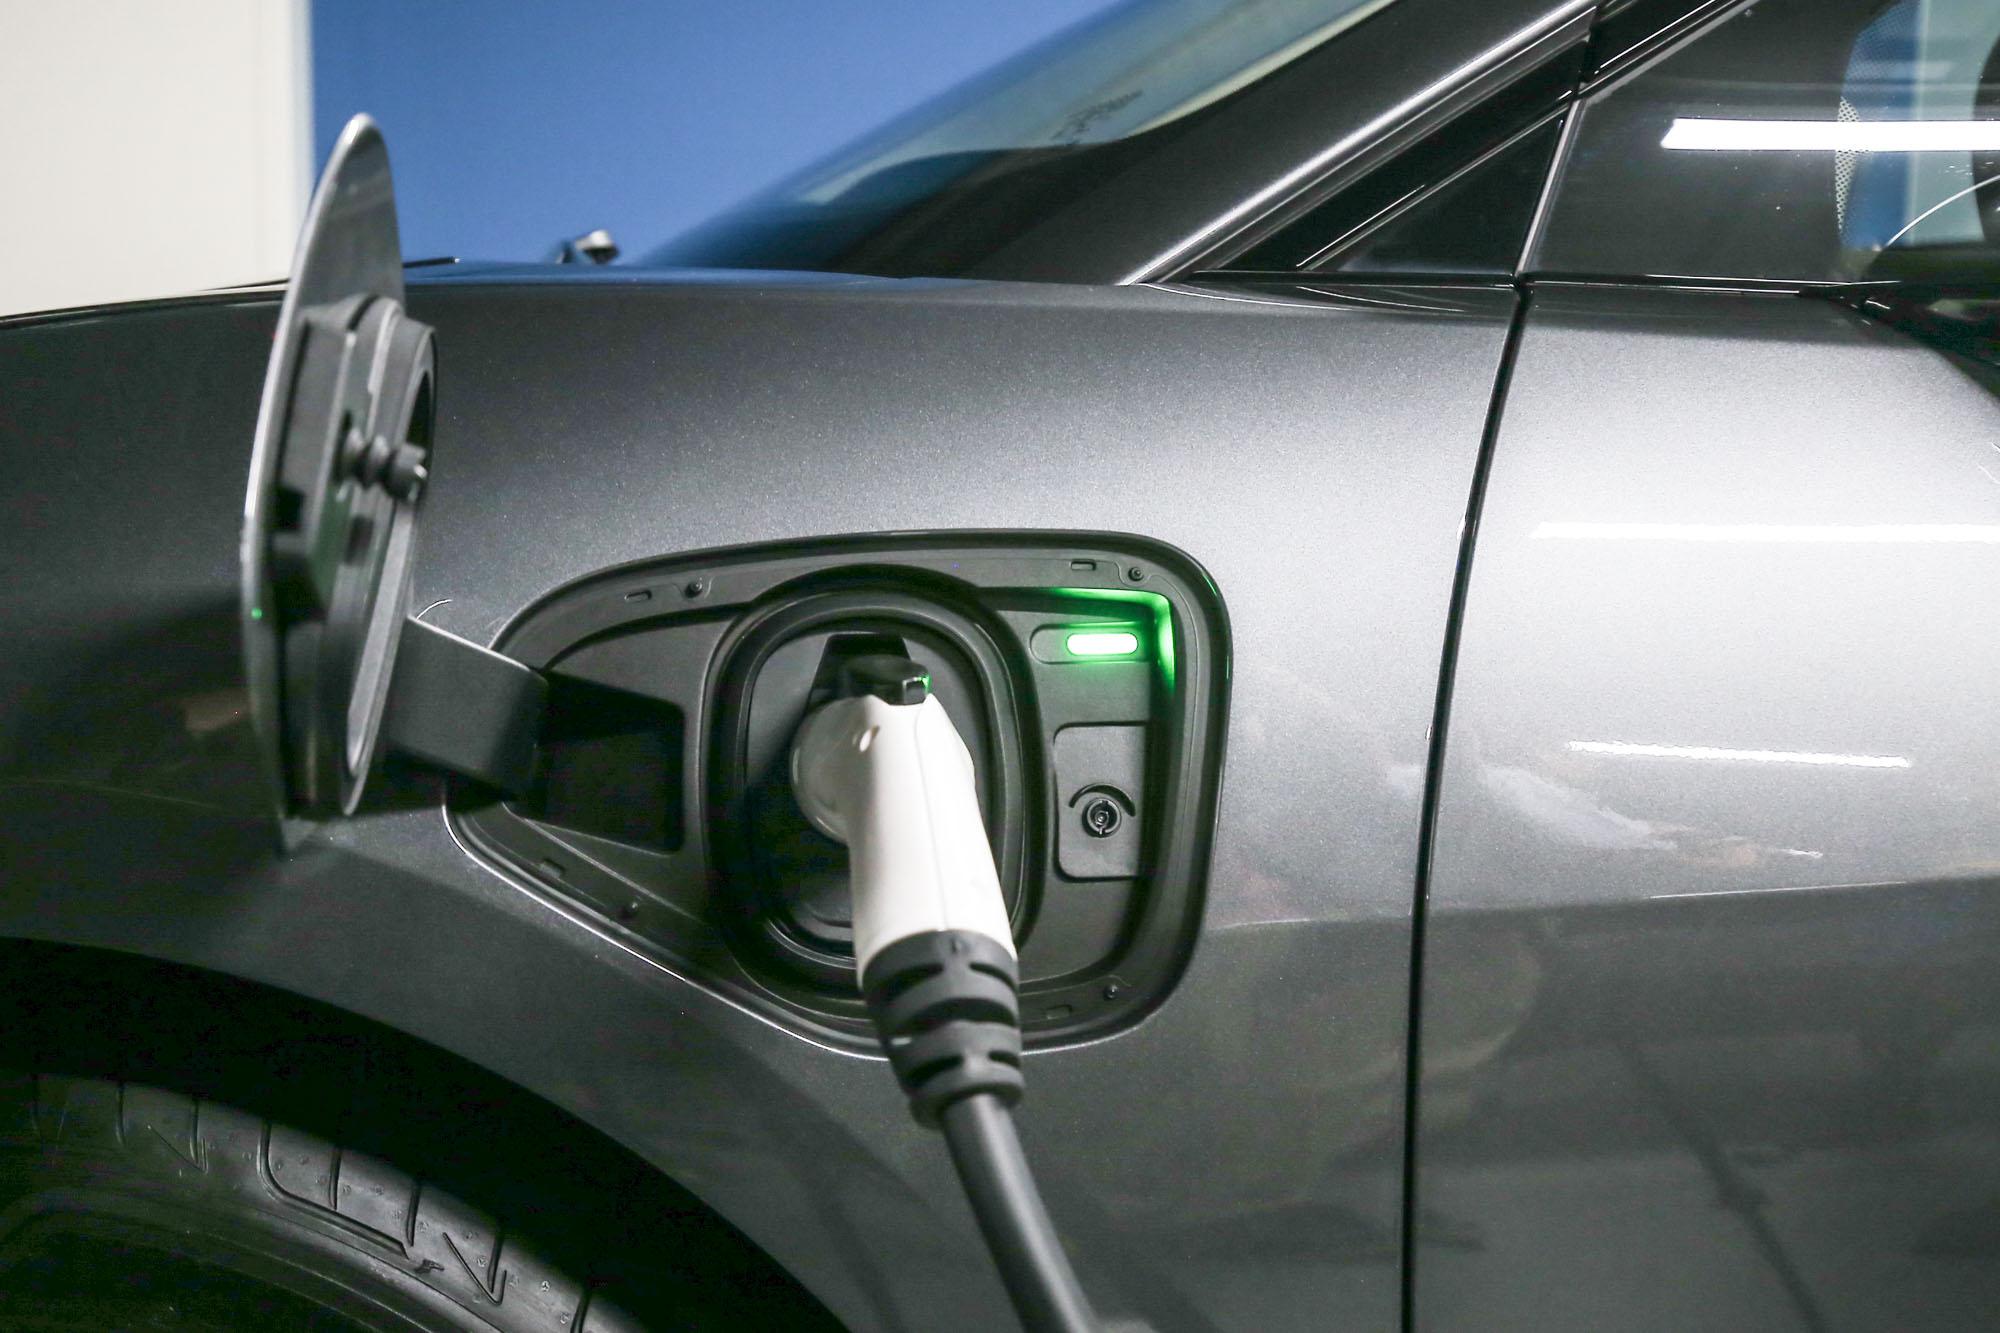 I-Pace 可以搭配專屬快充從 40 分鐘內從沒電充滿至八成電力,若使用一般家用壁掛式充電器,則需要 10 小時。